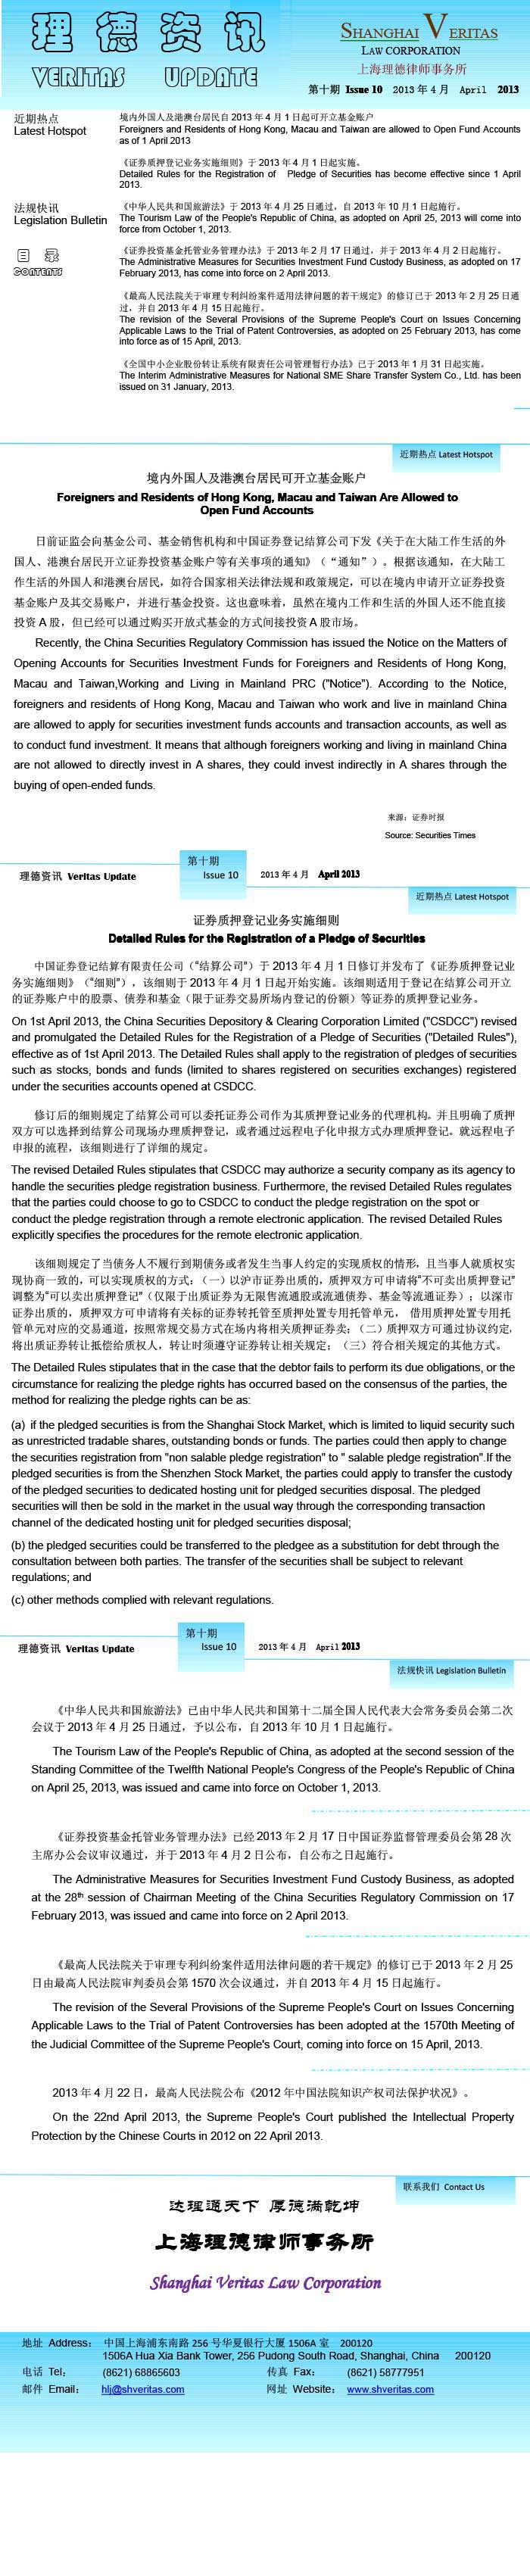 第十期-2013年04月理德资讯